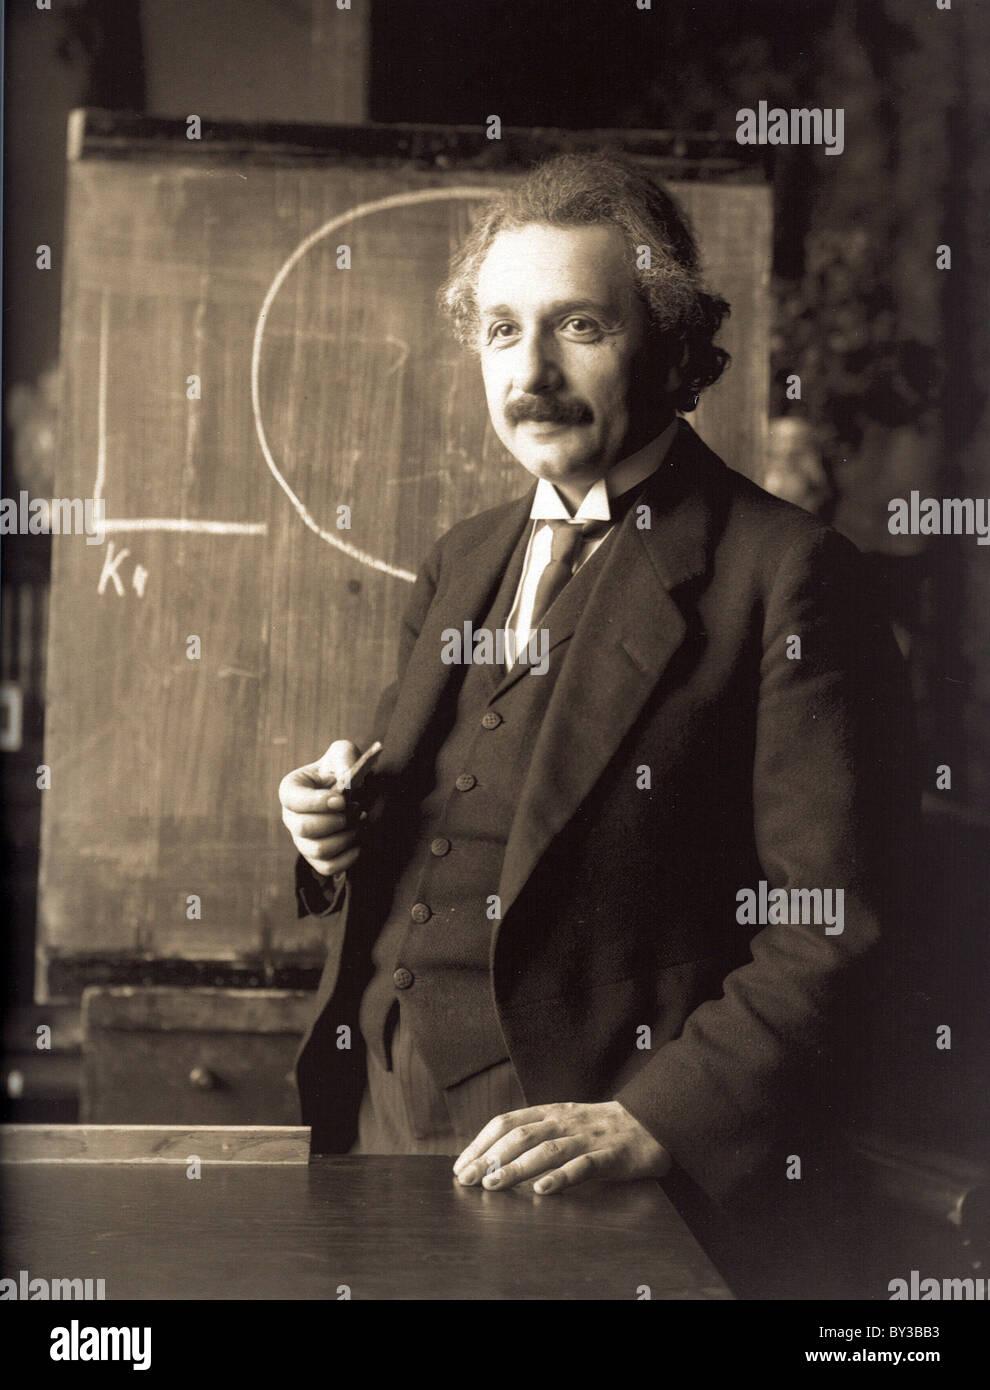 Albert Einstein, German theoretical physicist. - Stock Image